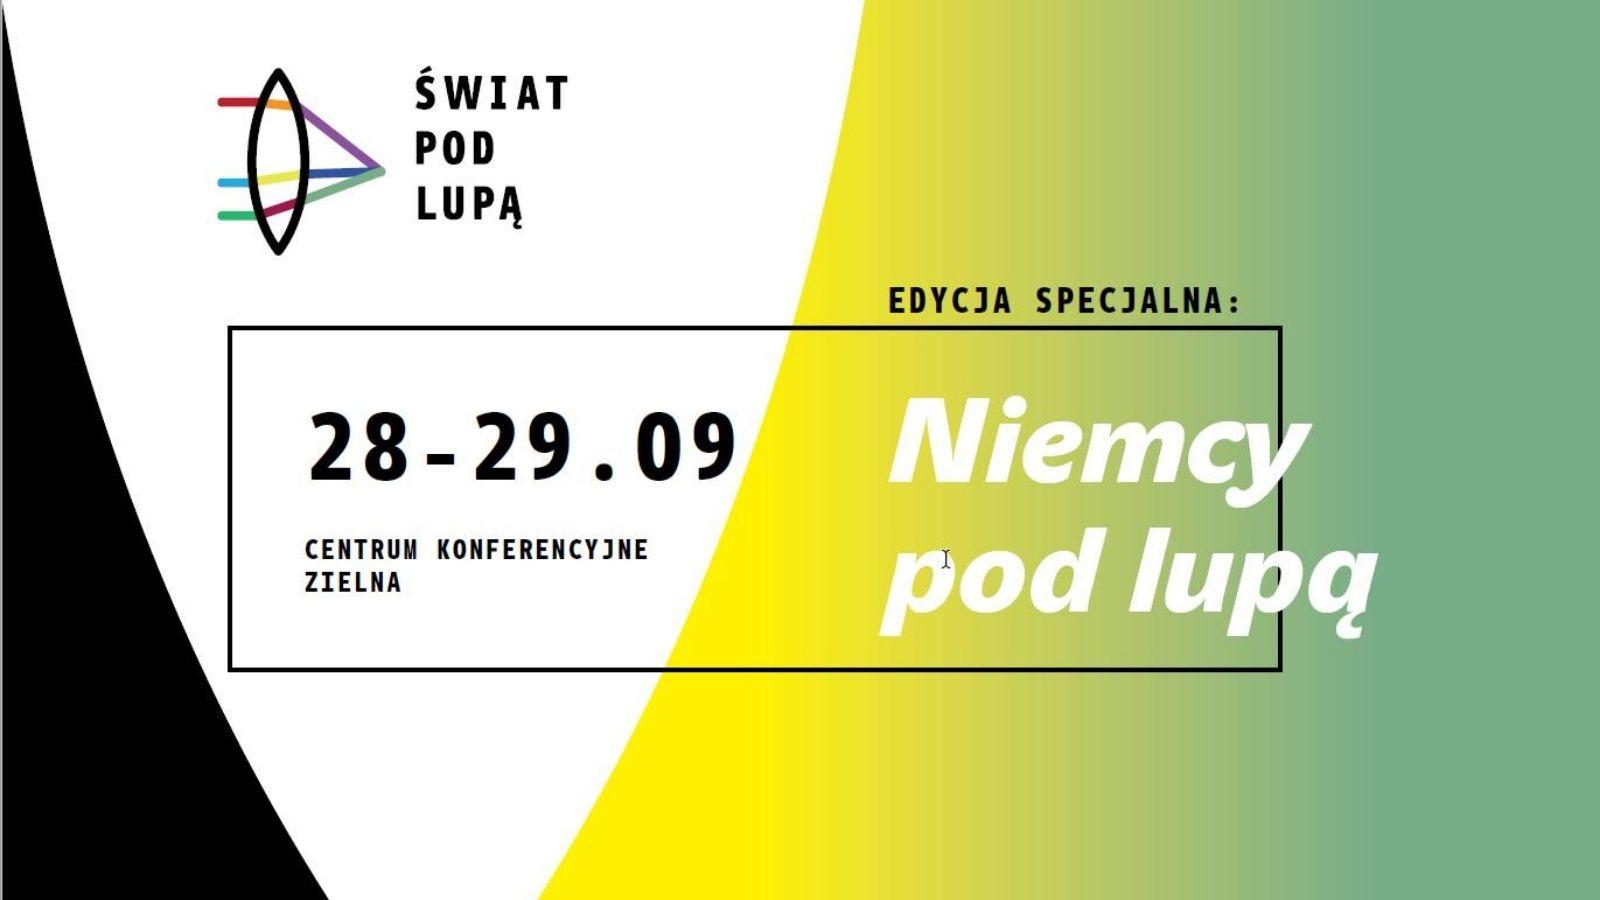 """Niemcy pod lupą - edycja specjalna konferencji """"Świat pod lupą"""""""